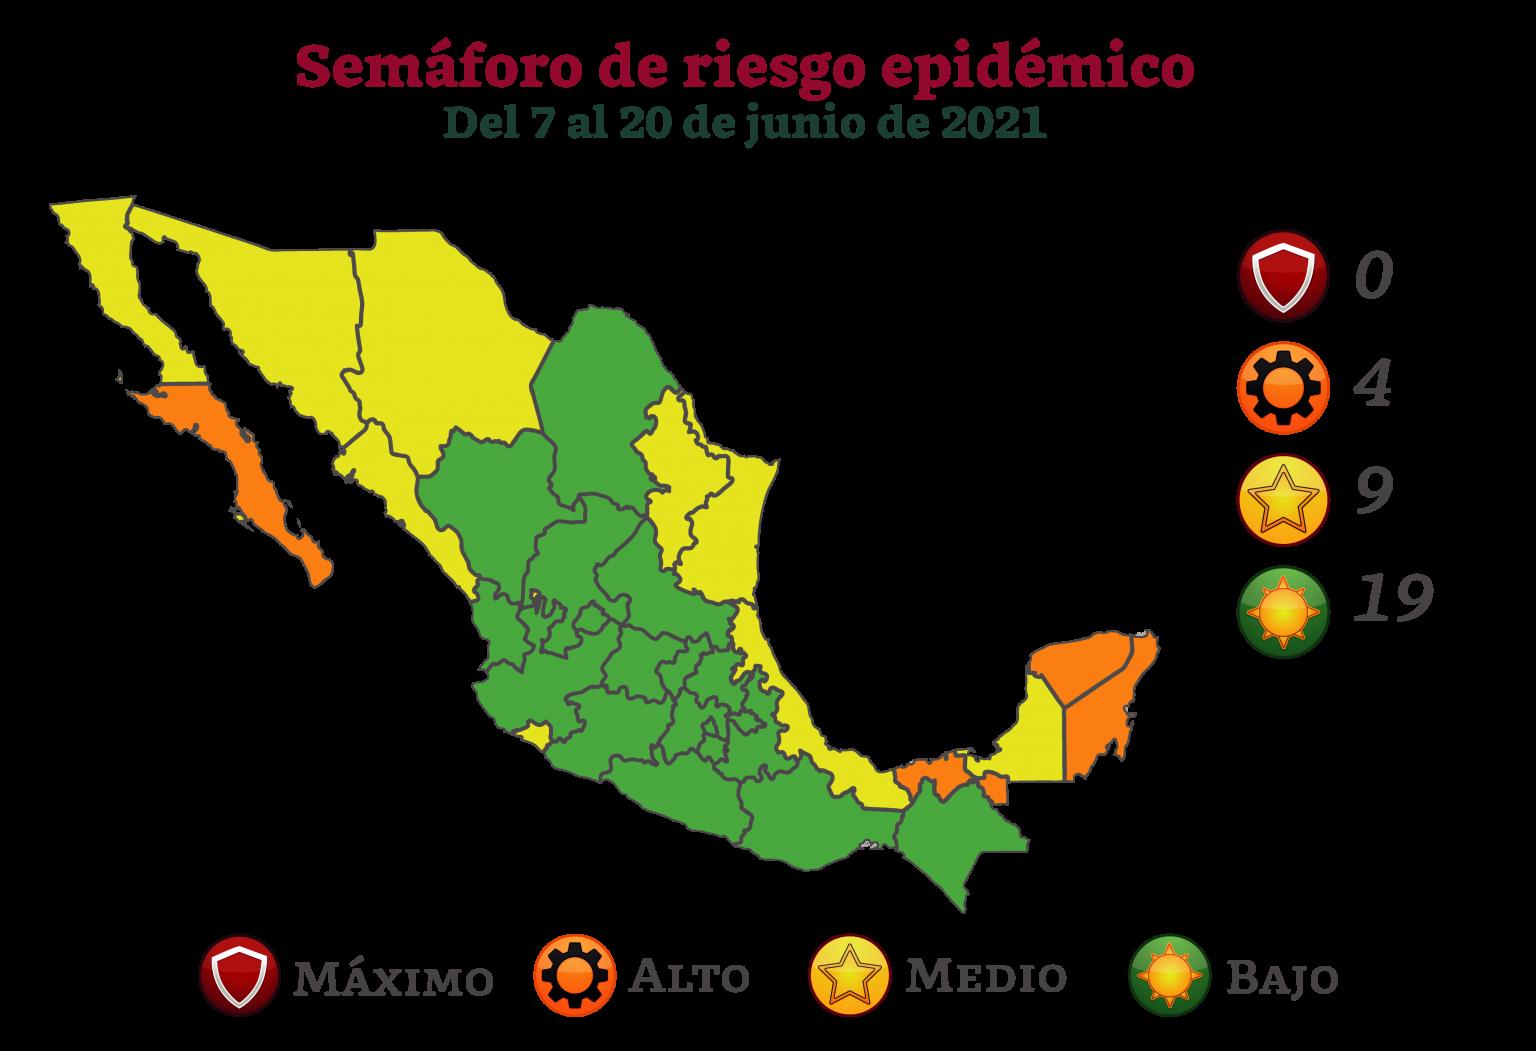 Gran parte del país en verde, así será el Semáforo de Riesgo Epidémico, vigente del 7 al 20 de junio